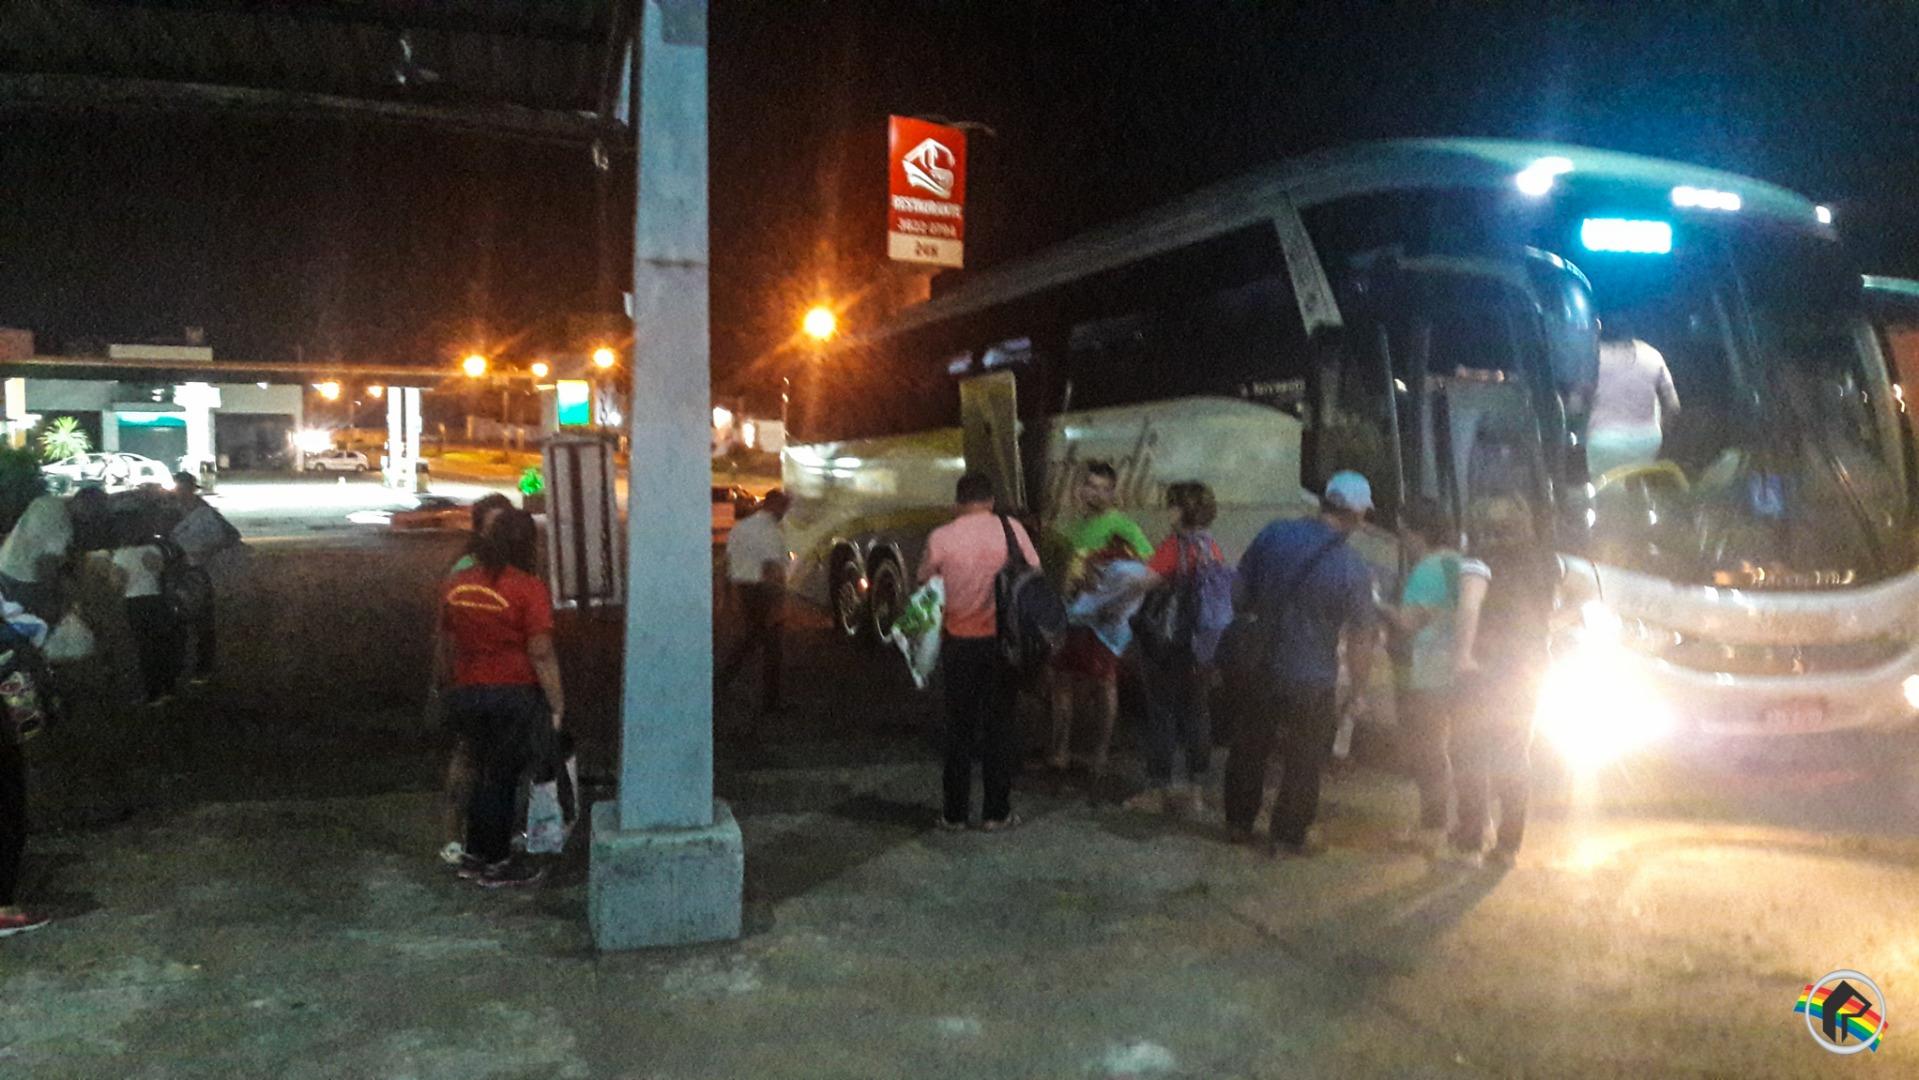 PT de São Miguel do Oeste organiza caravana para apoiar Lula no PR